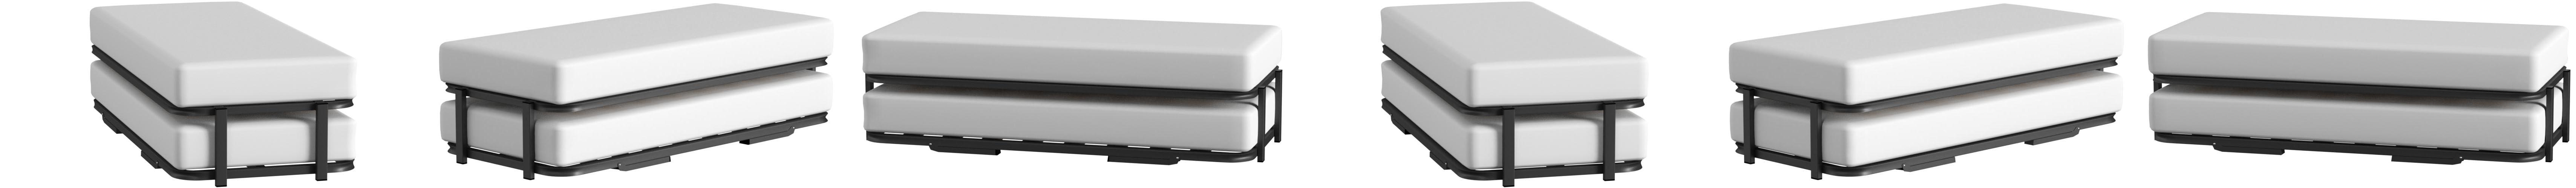 Hogar 24 Cama Nido con 2 Somieres, Estructura Reforzada Doble Barra Superior + Patas, 80x180cm